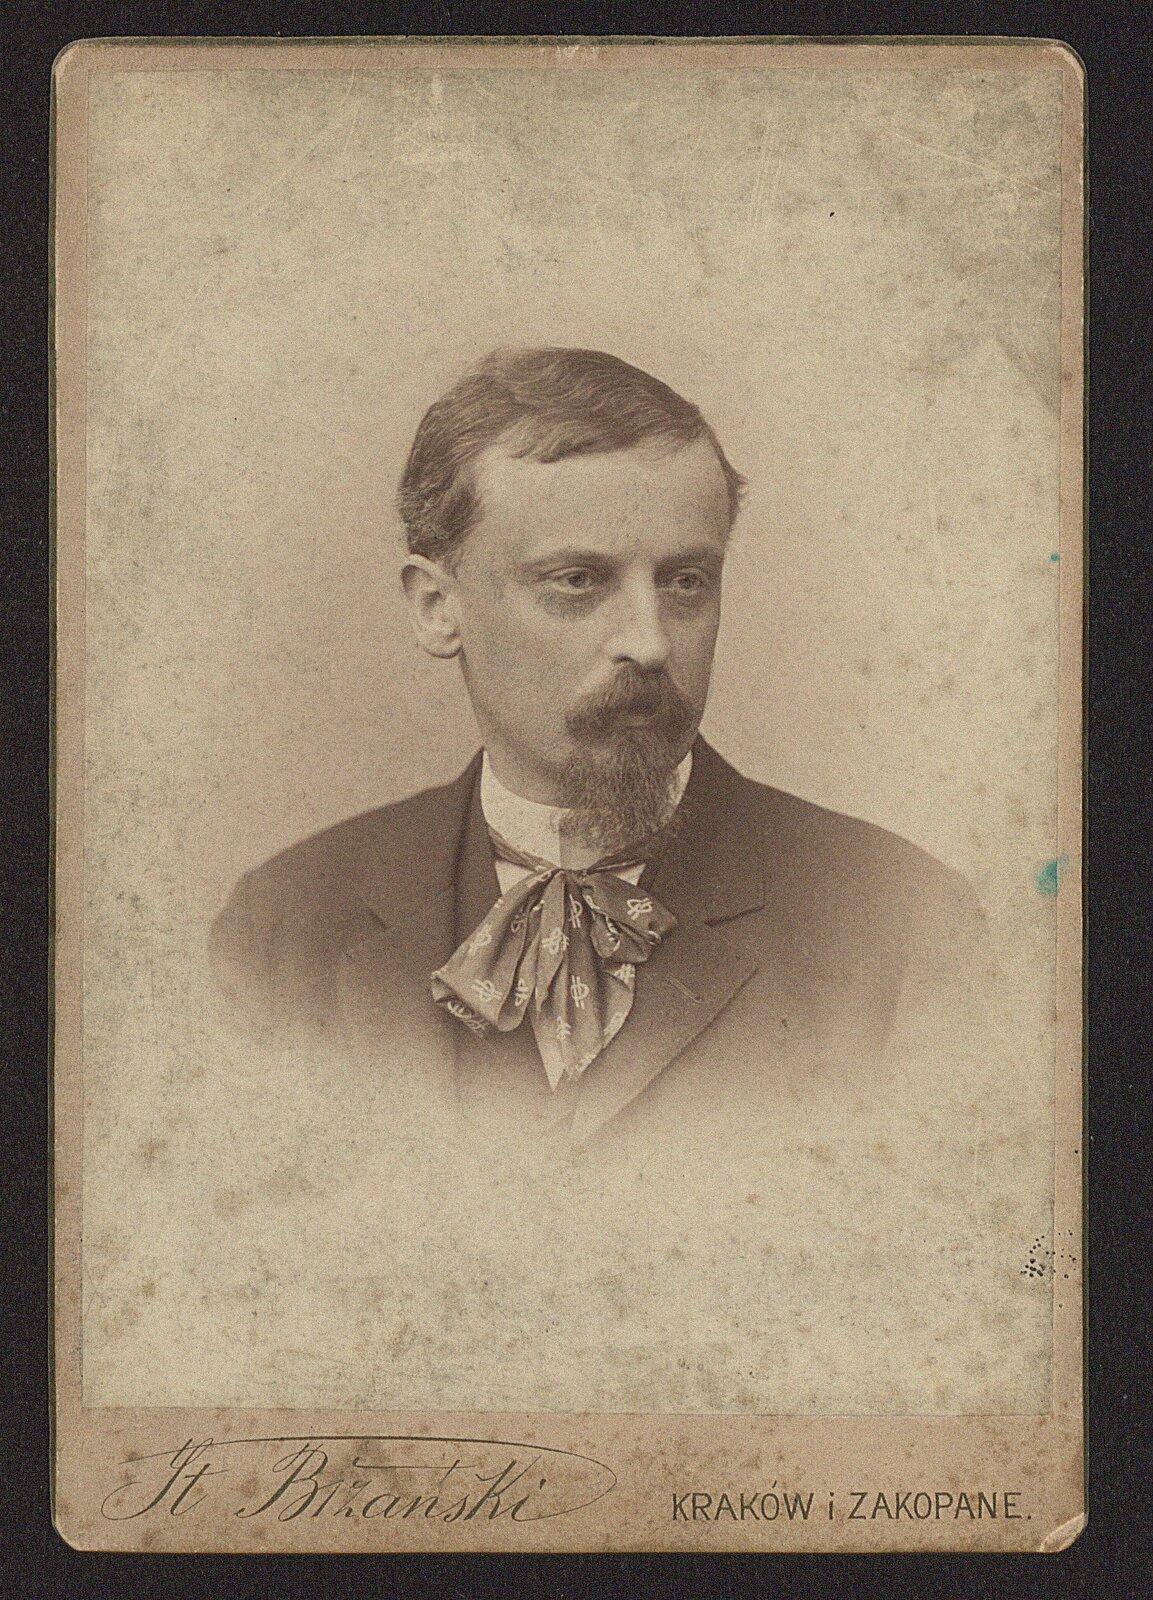 Henryk Sienkiewicz - portret Źródło: Biblioteka Narodowa, licencja: CC 0.